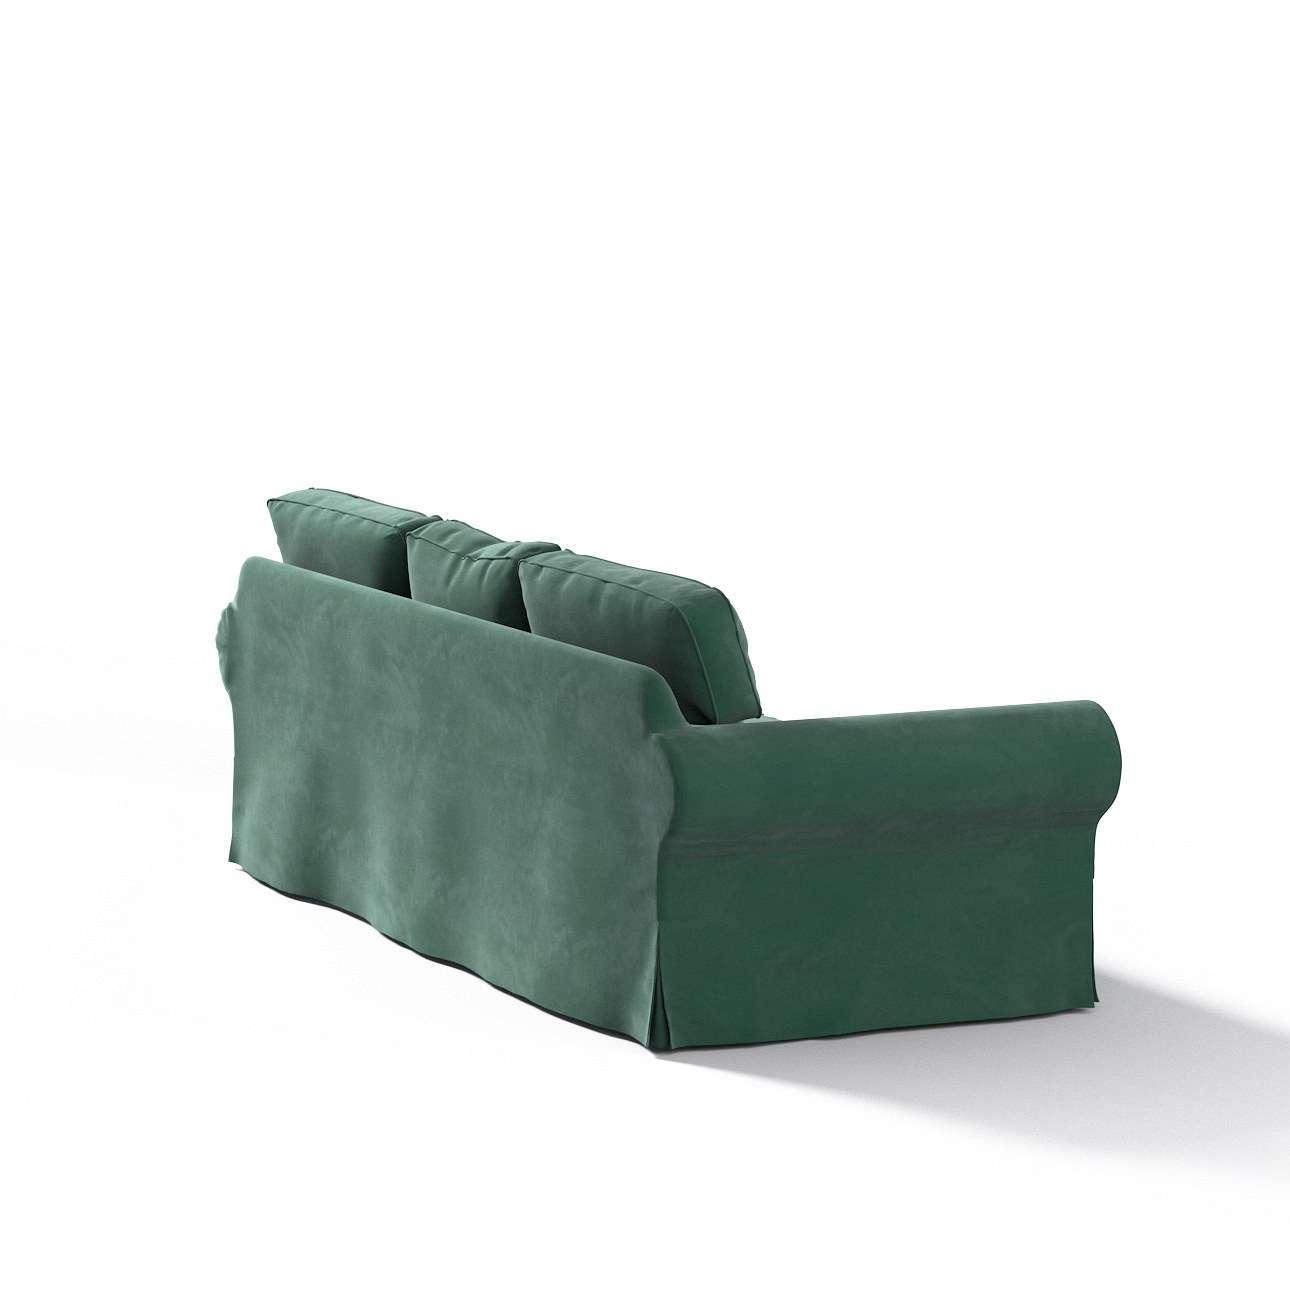 Pokrowiec na sofę Ektorp 3-osobową, rozkładaną w kolekcji Velvet, tkanina: 704-25